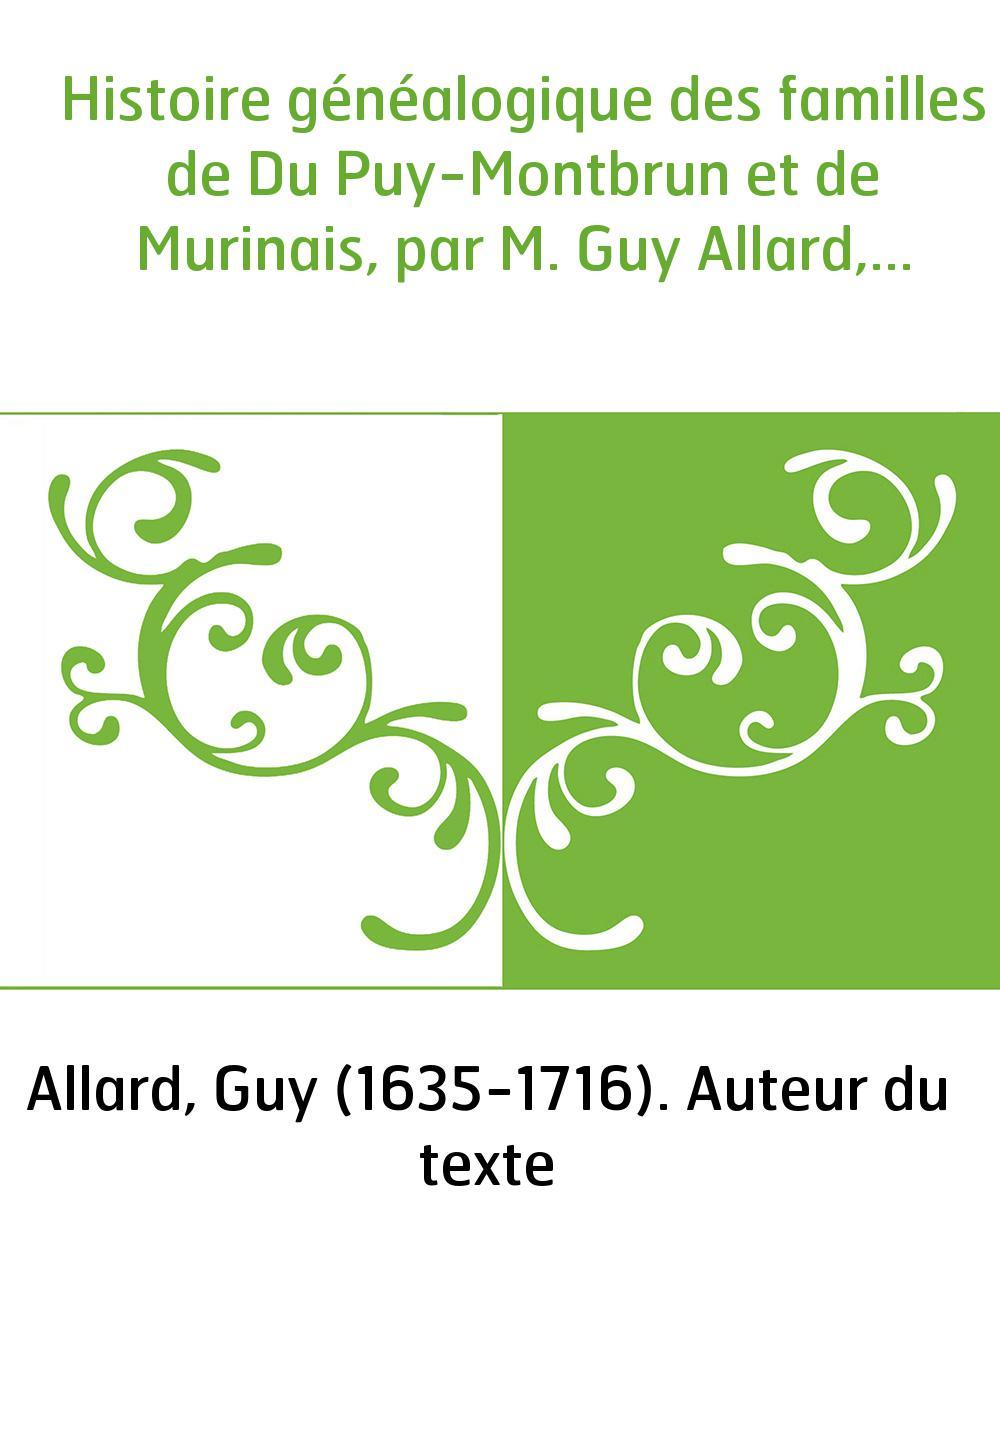 Histoire généalogique des familles de Du Puy-Montbrun et de Murinais, par M. Guy Allard,...